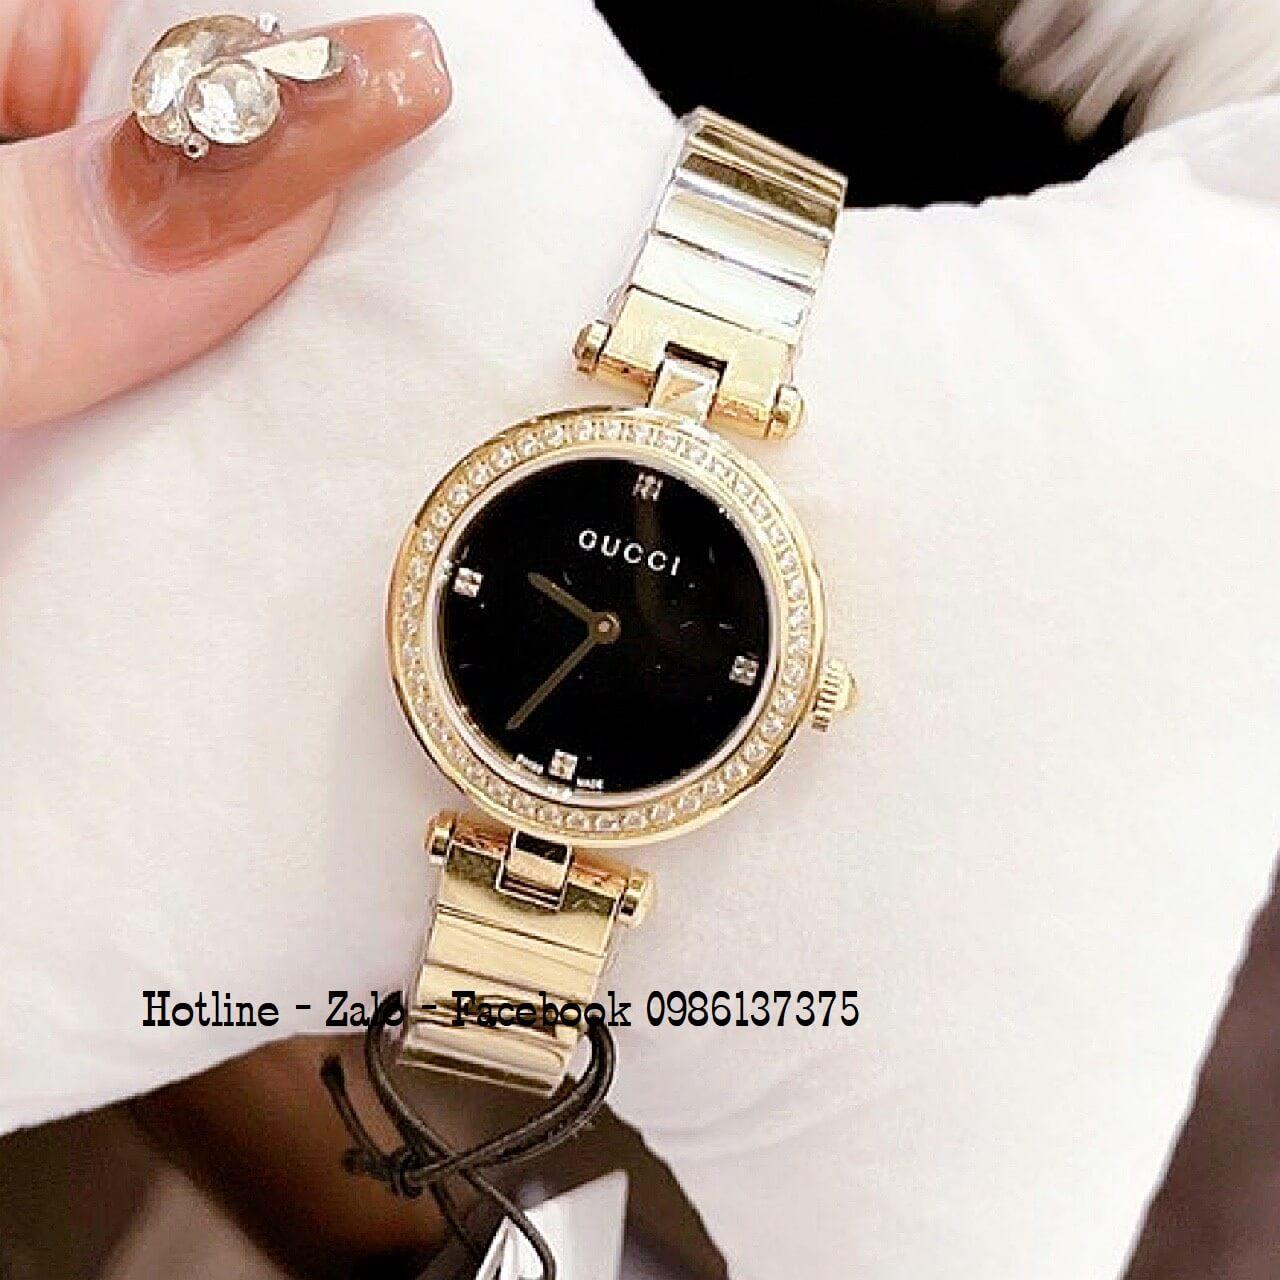 Đồng Hồ Nữ Gucci Siêu Cấp Đính Đá Vàng Mặt Đen 28mm